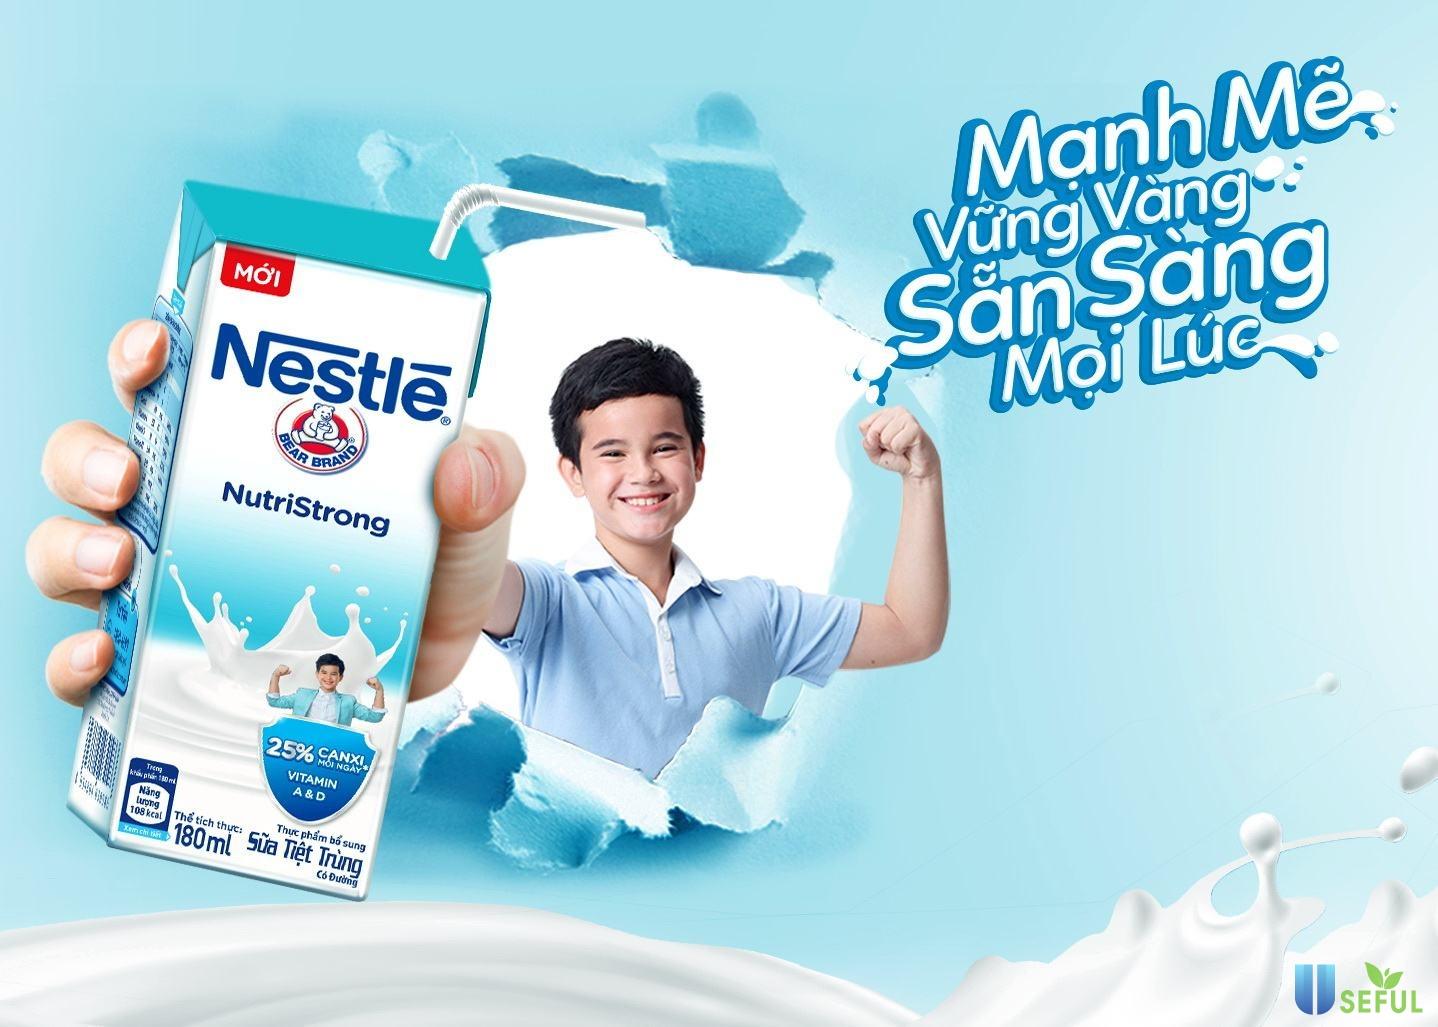 Sữa Nestlé cung cấp 25% nhu cầu canxi cần thiết mỗi ngày